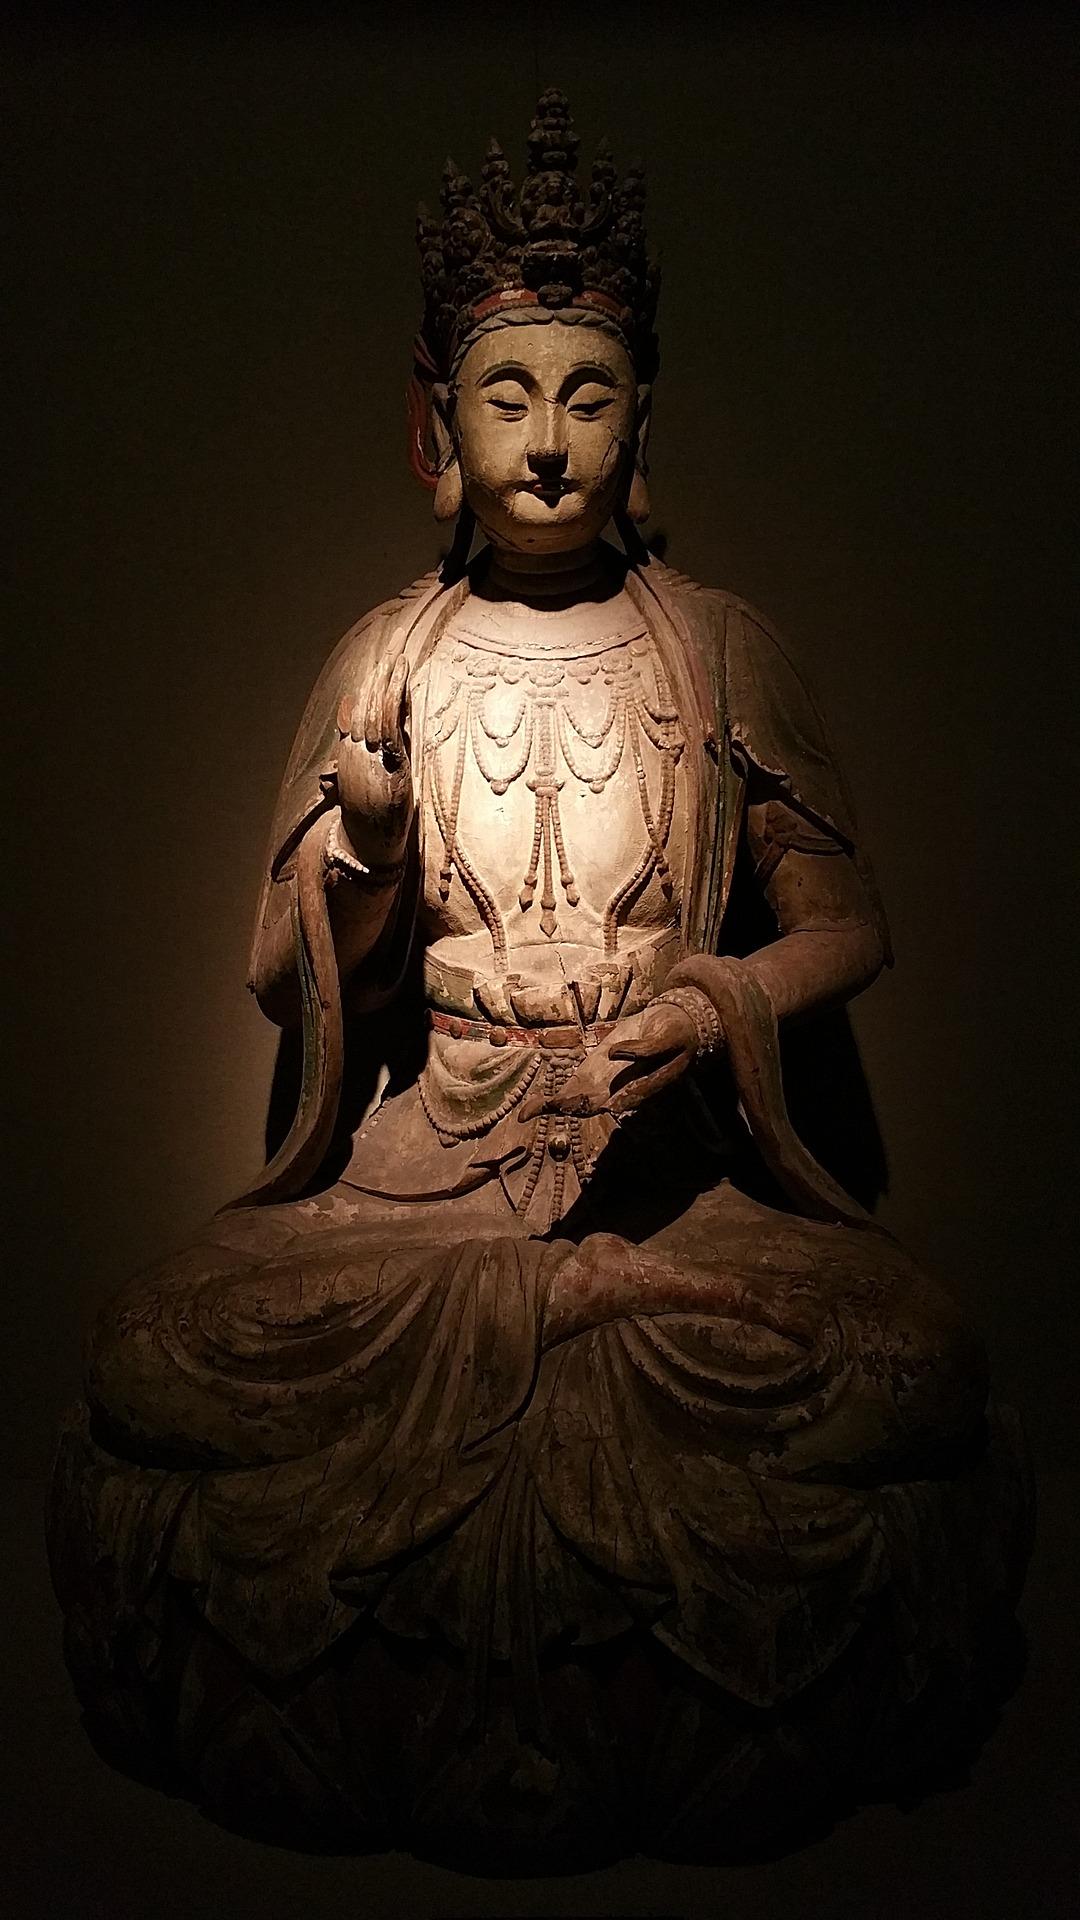 buddha-statues-1749476_1920.jpg